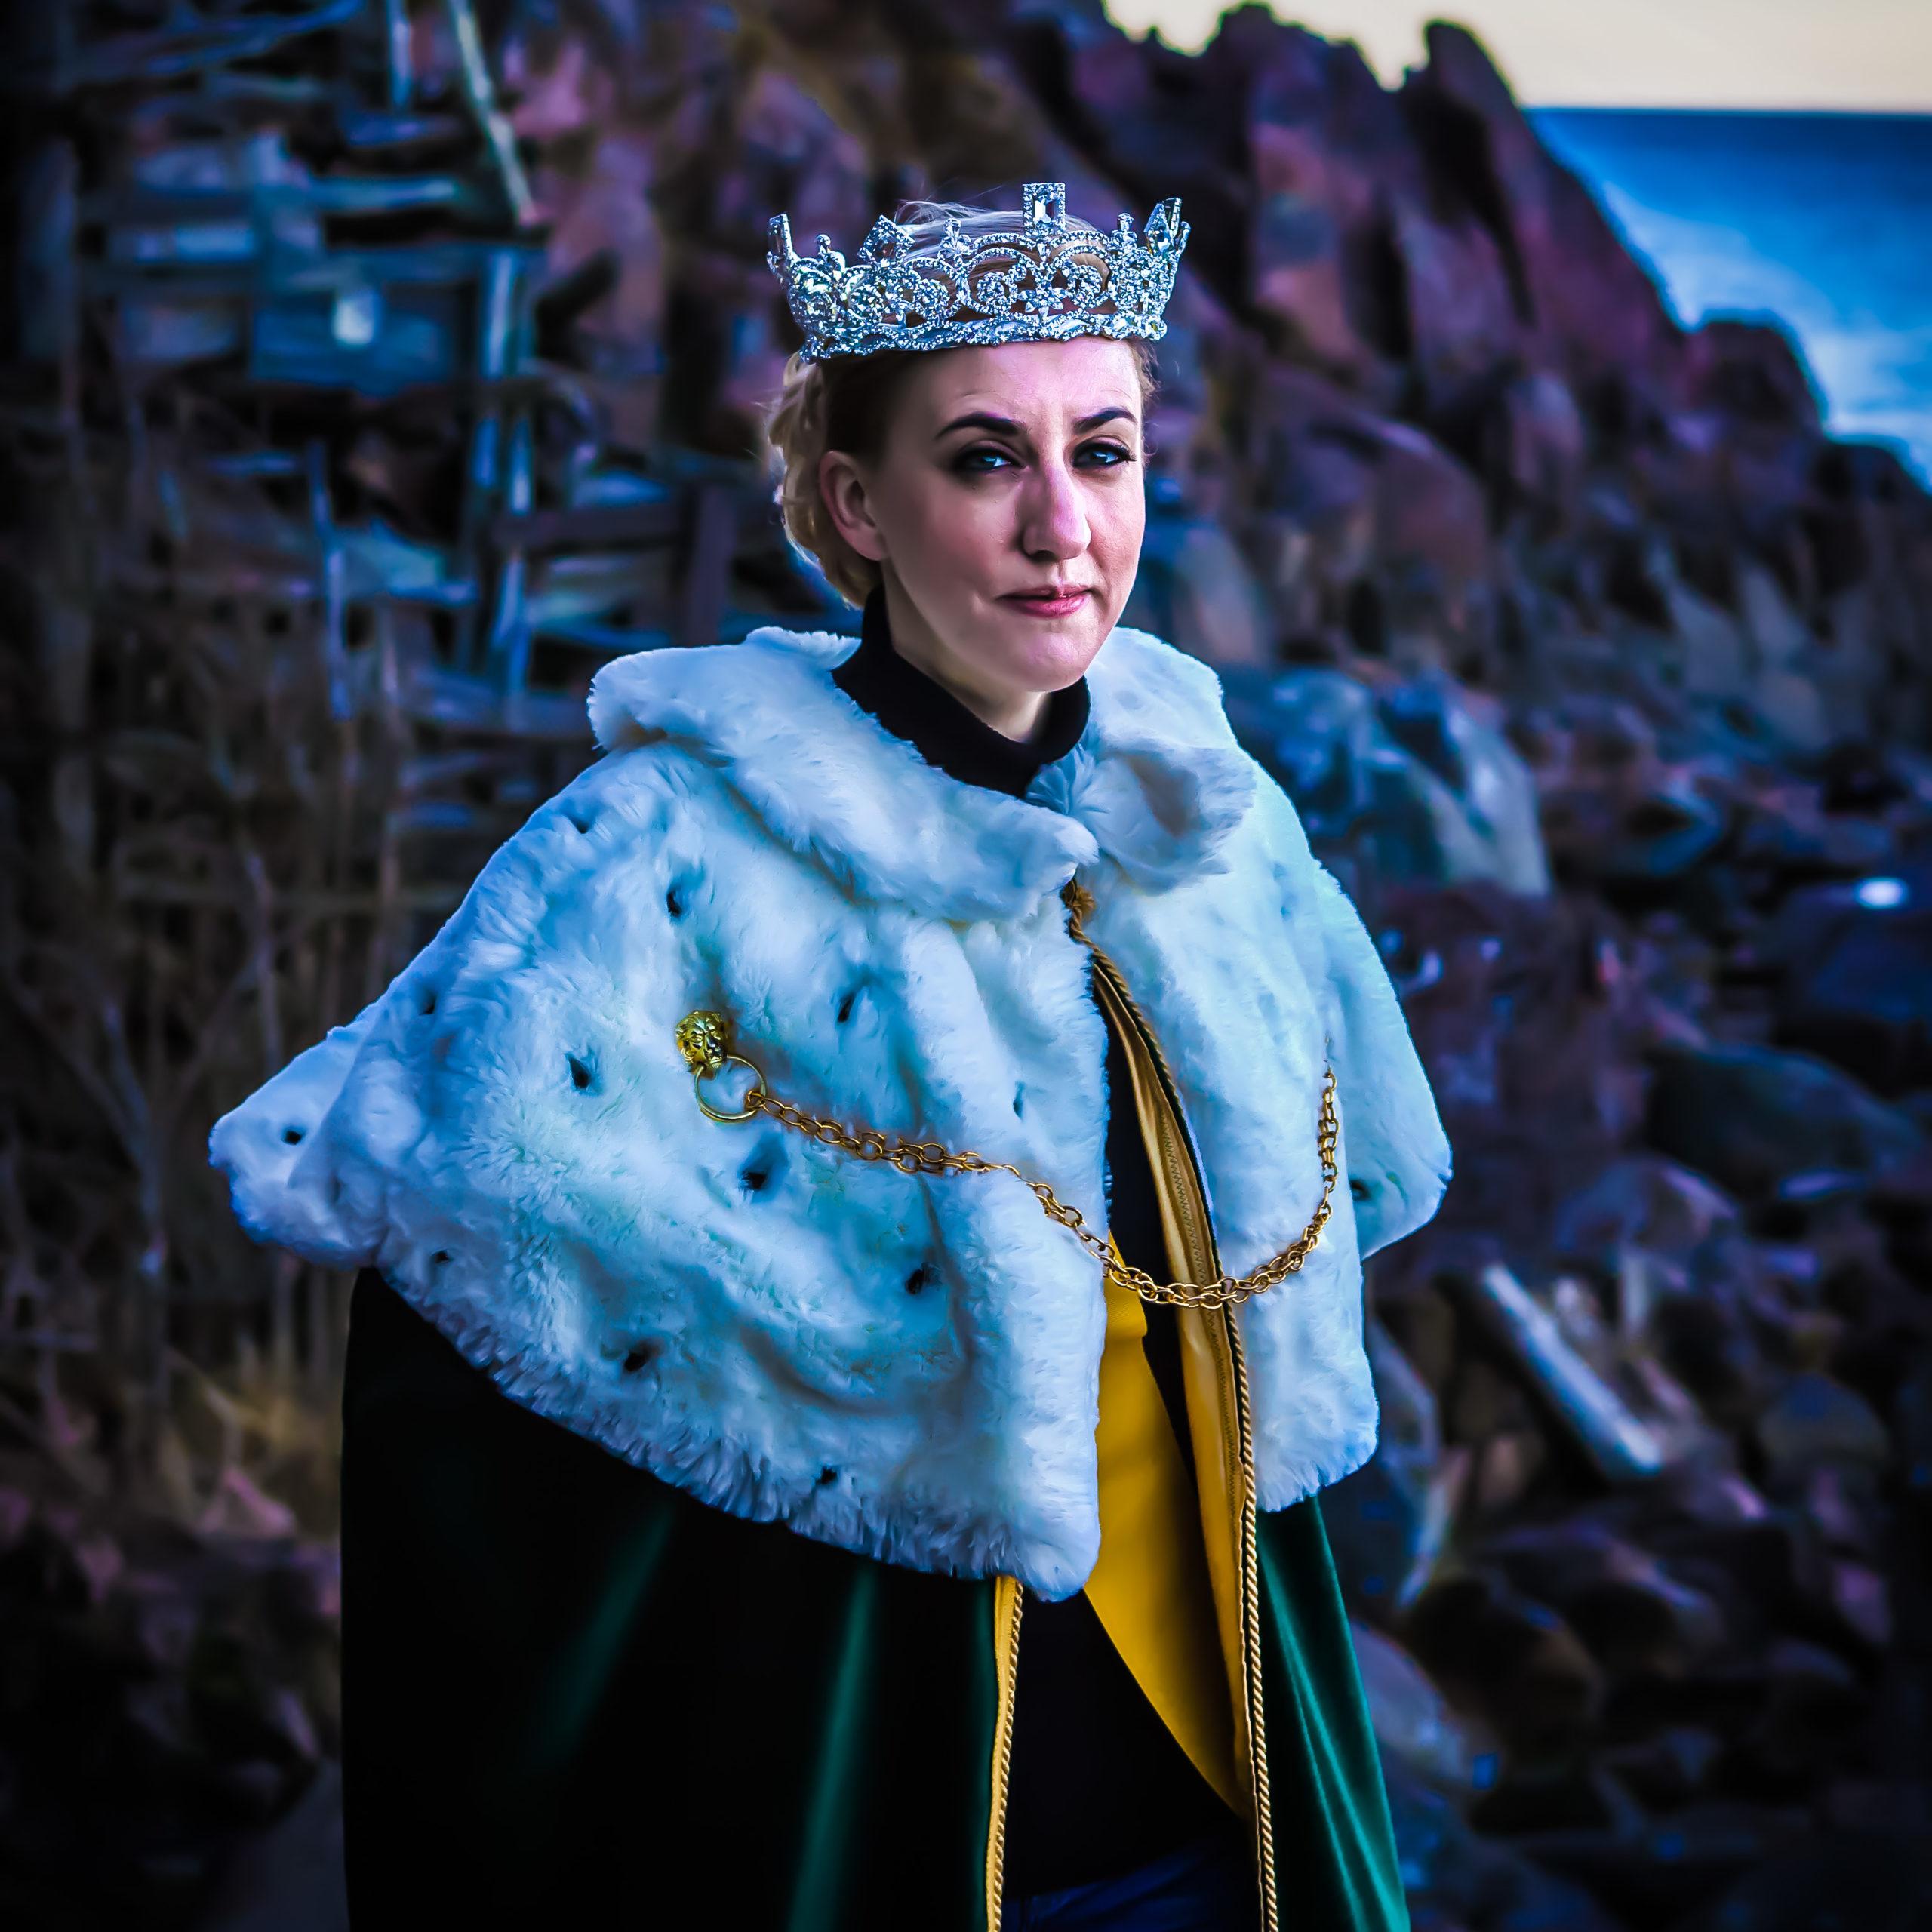 Carolyn, The Queen of Ladonia